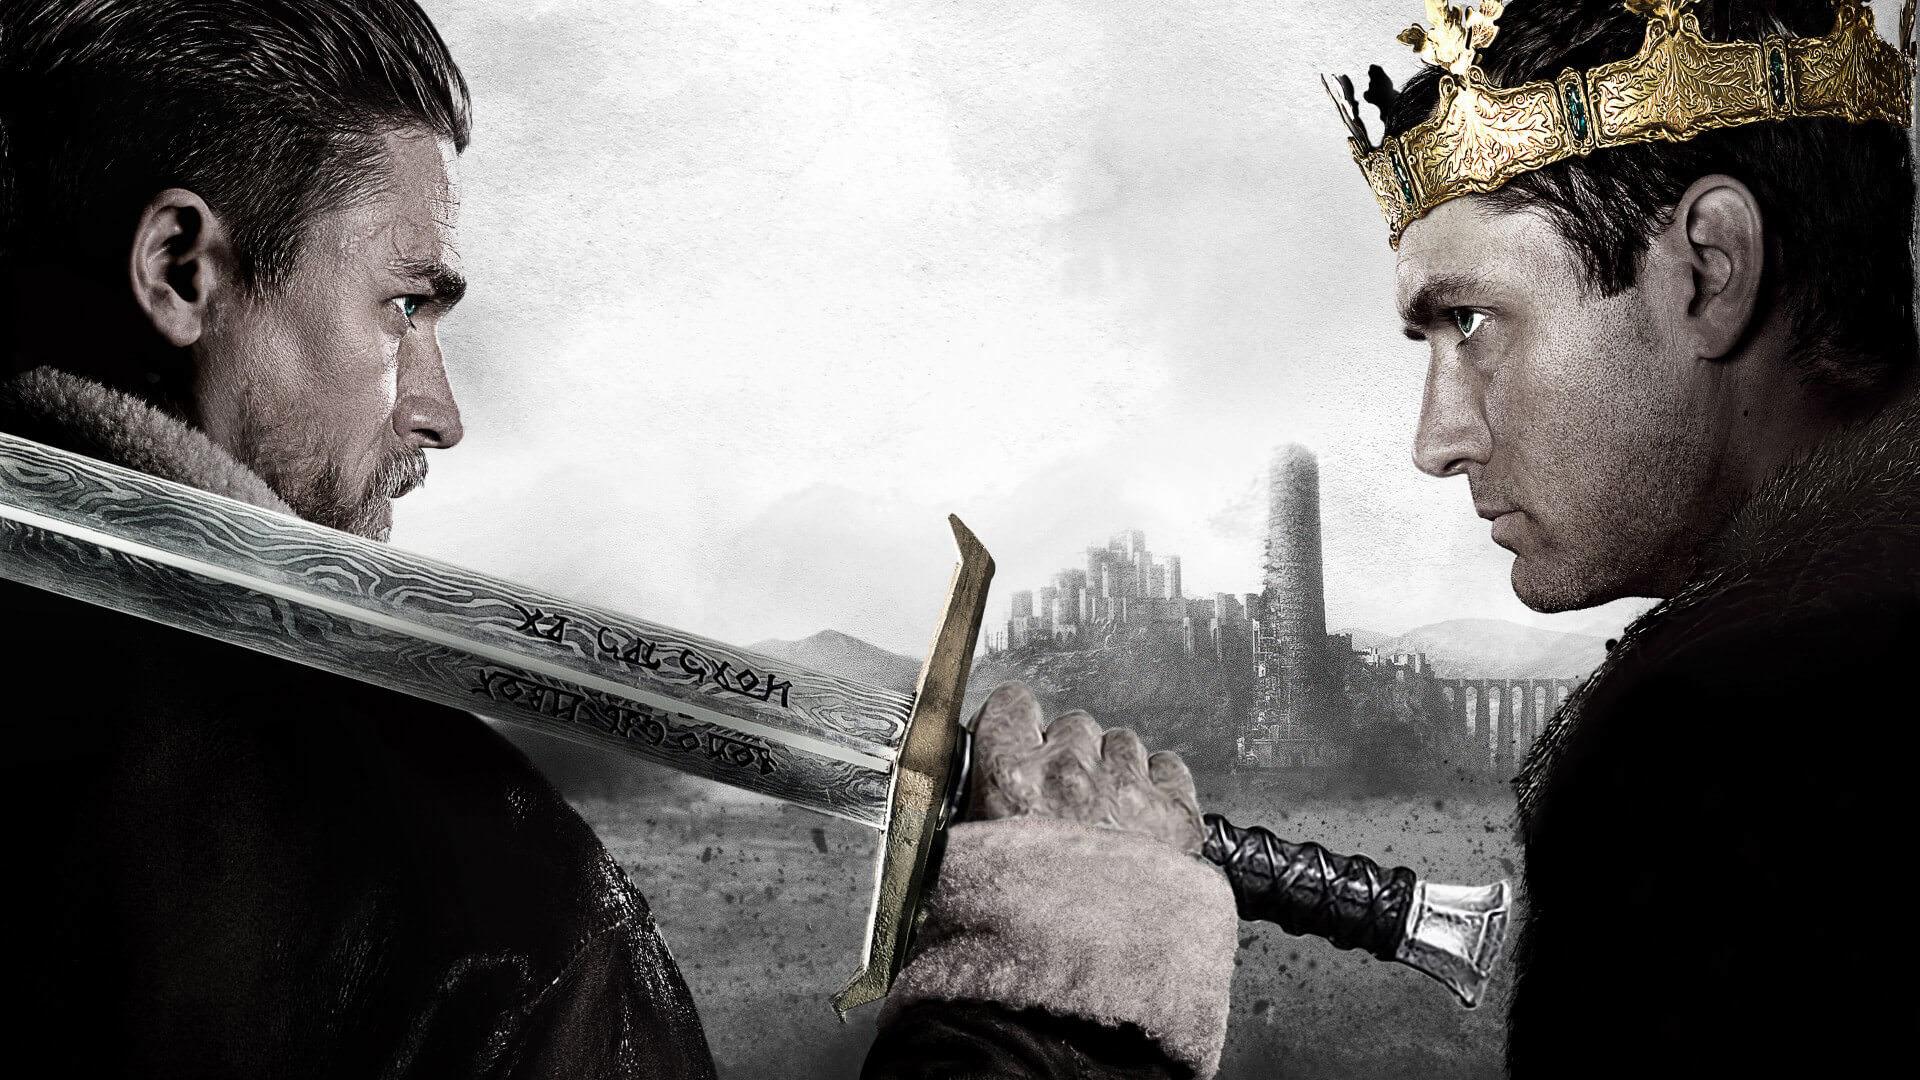 亞瑟  : 王者之劍*中興分館播映